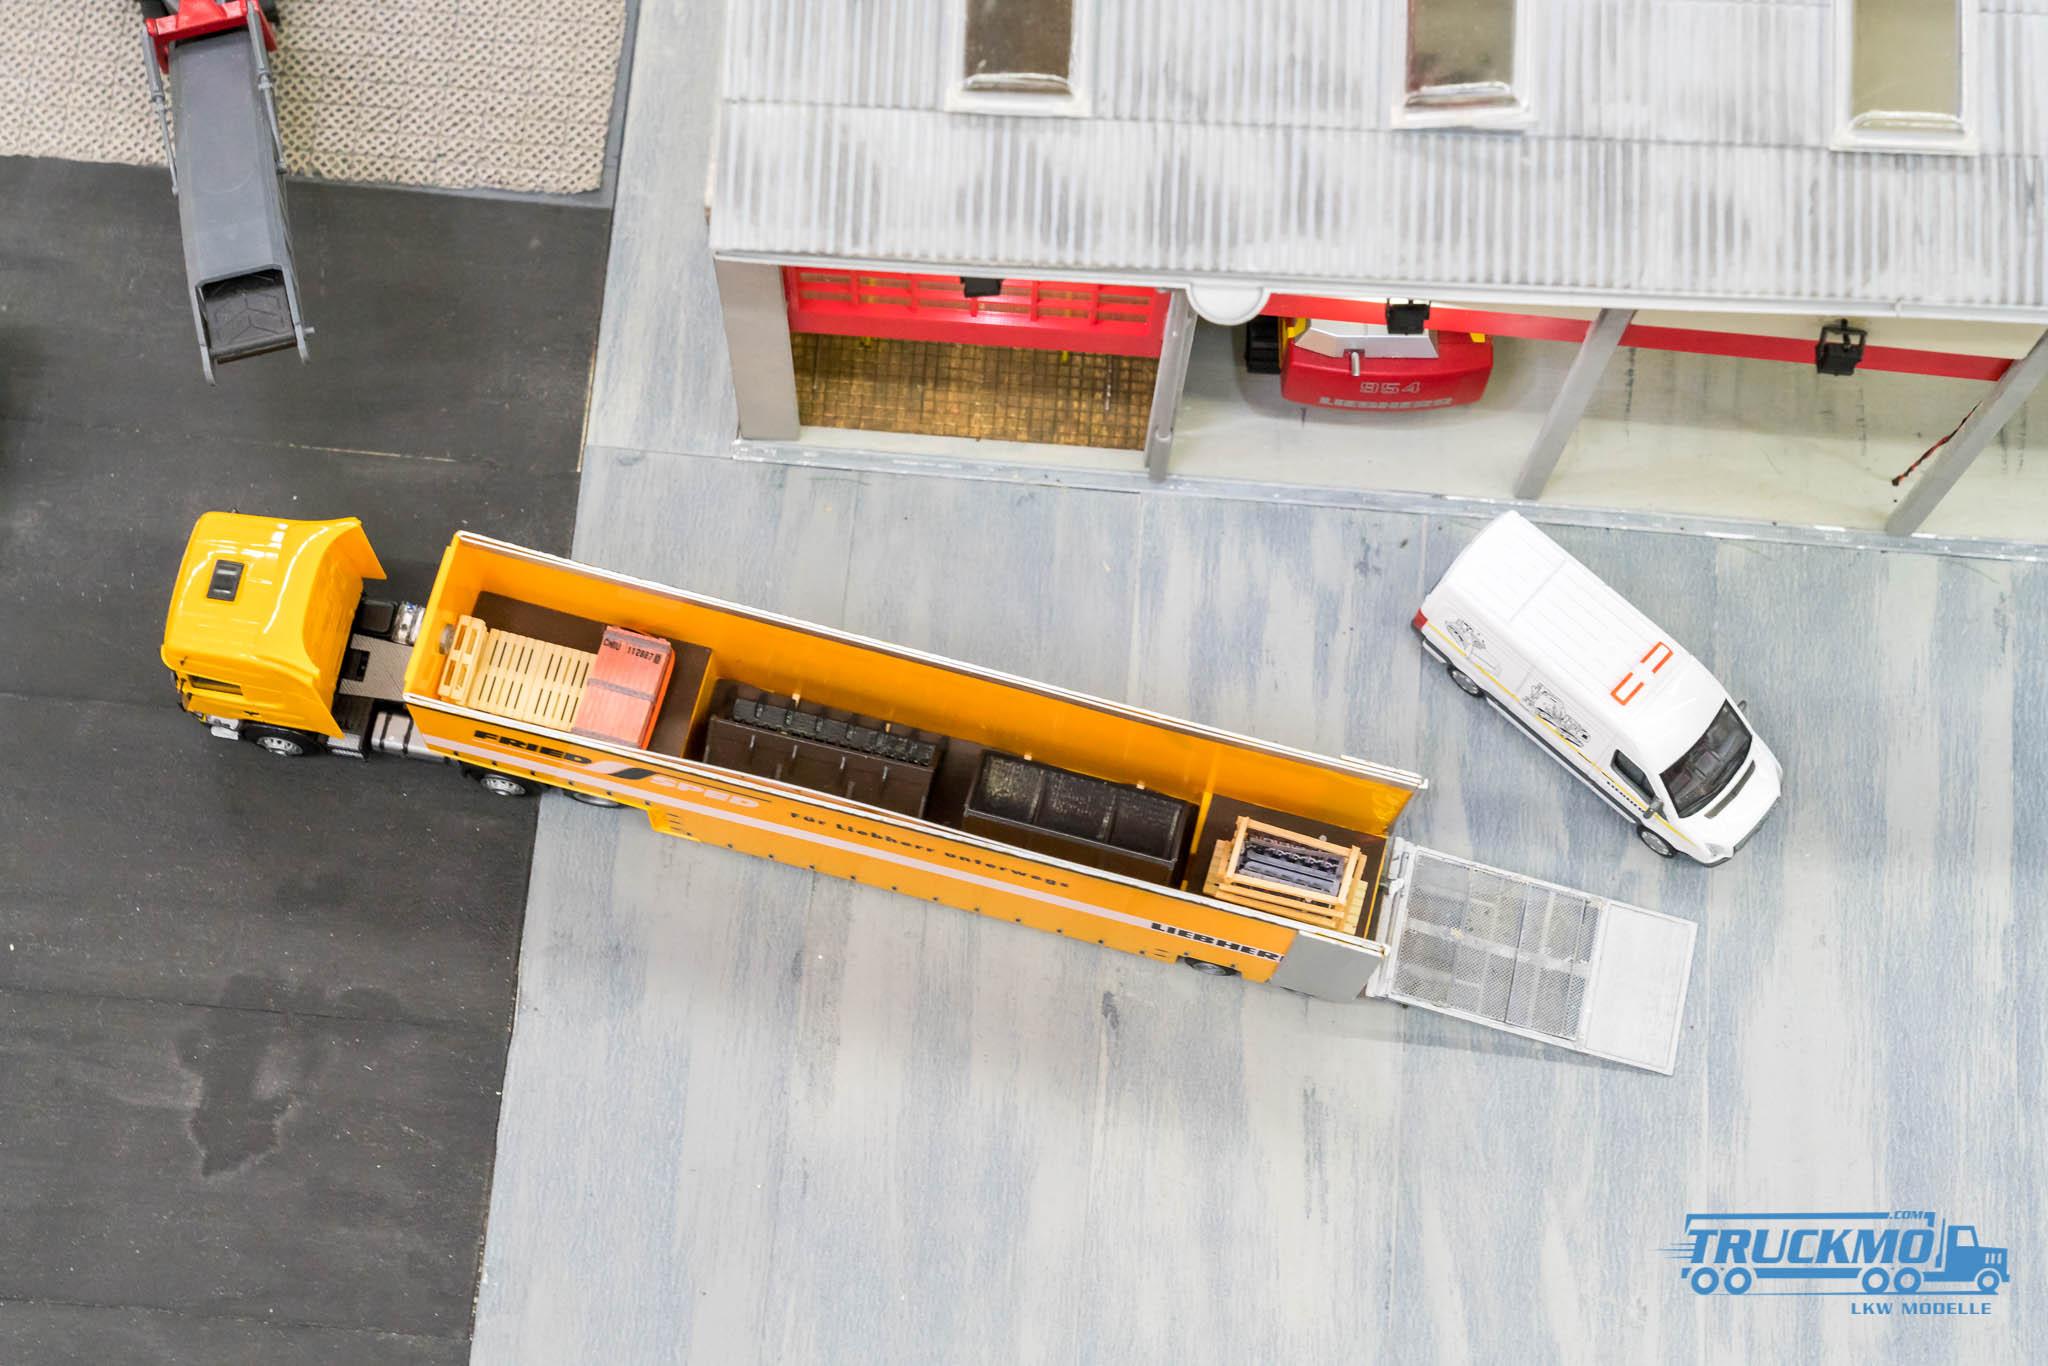 Truckmo_Modellbau_Ried_2017_Herpa_Messe_Modellbauausstellung (238 von 1177)